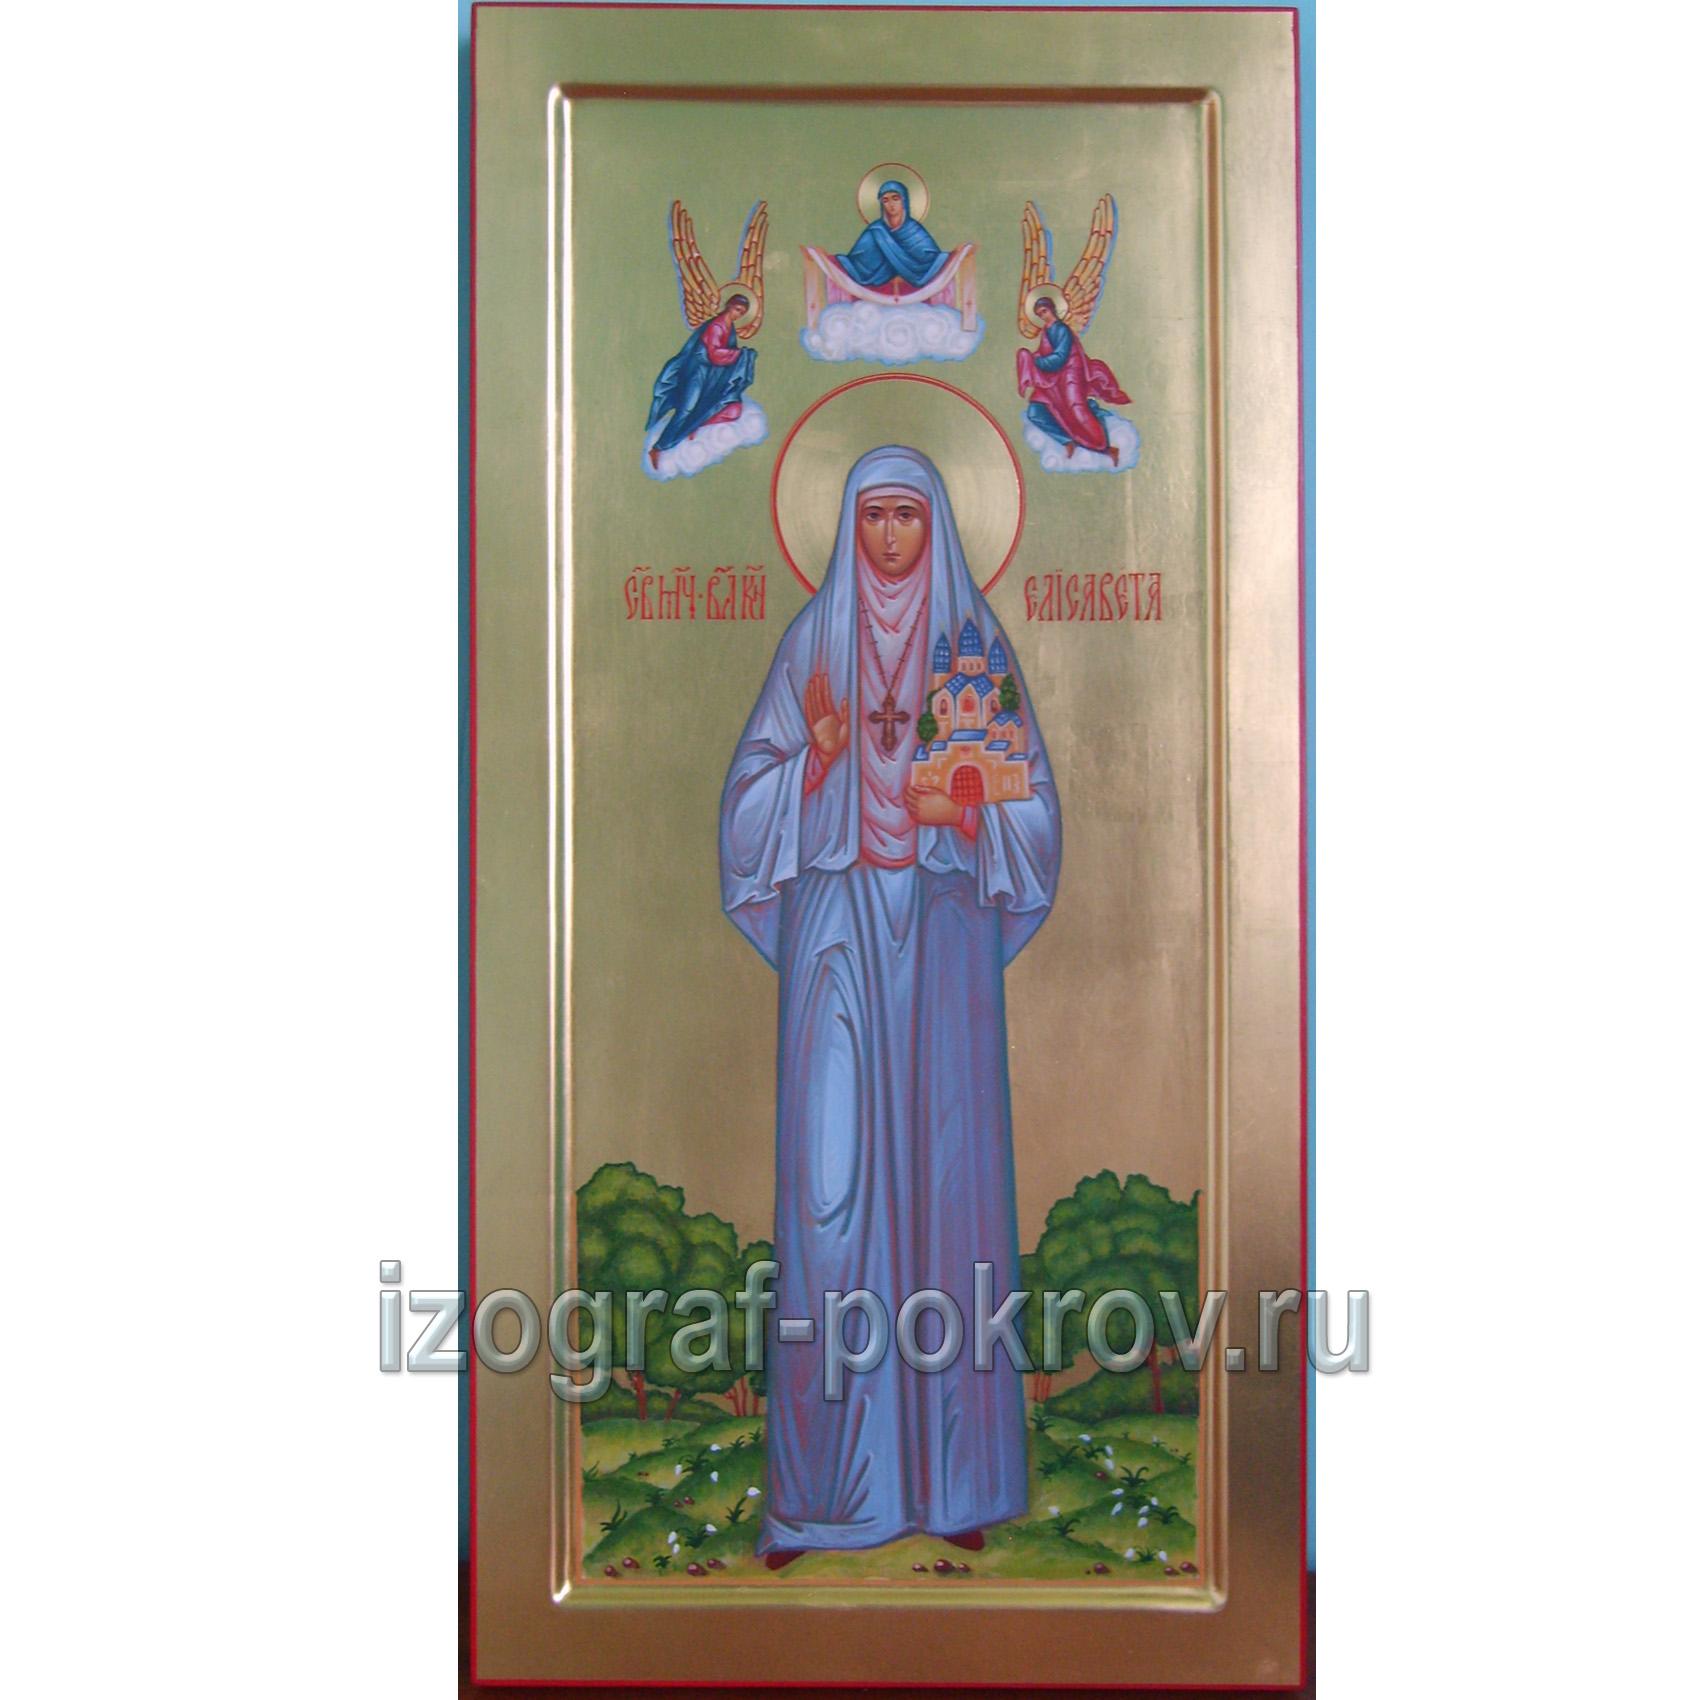 Мерная икона великомученица Елисавета (Елизавета)